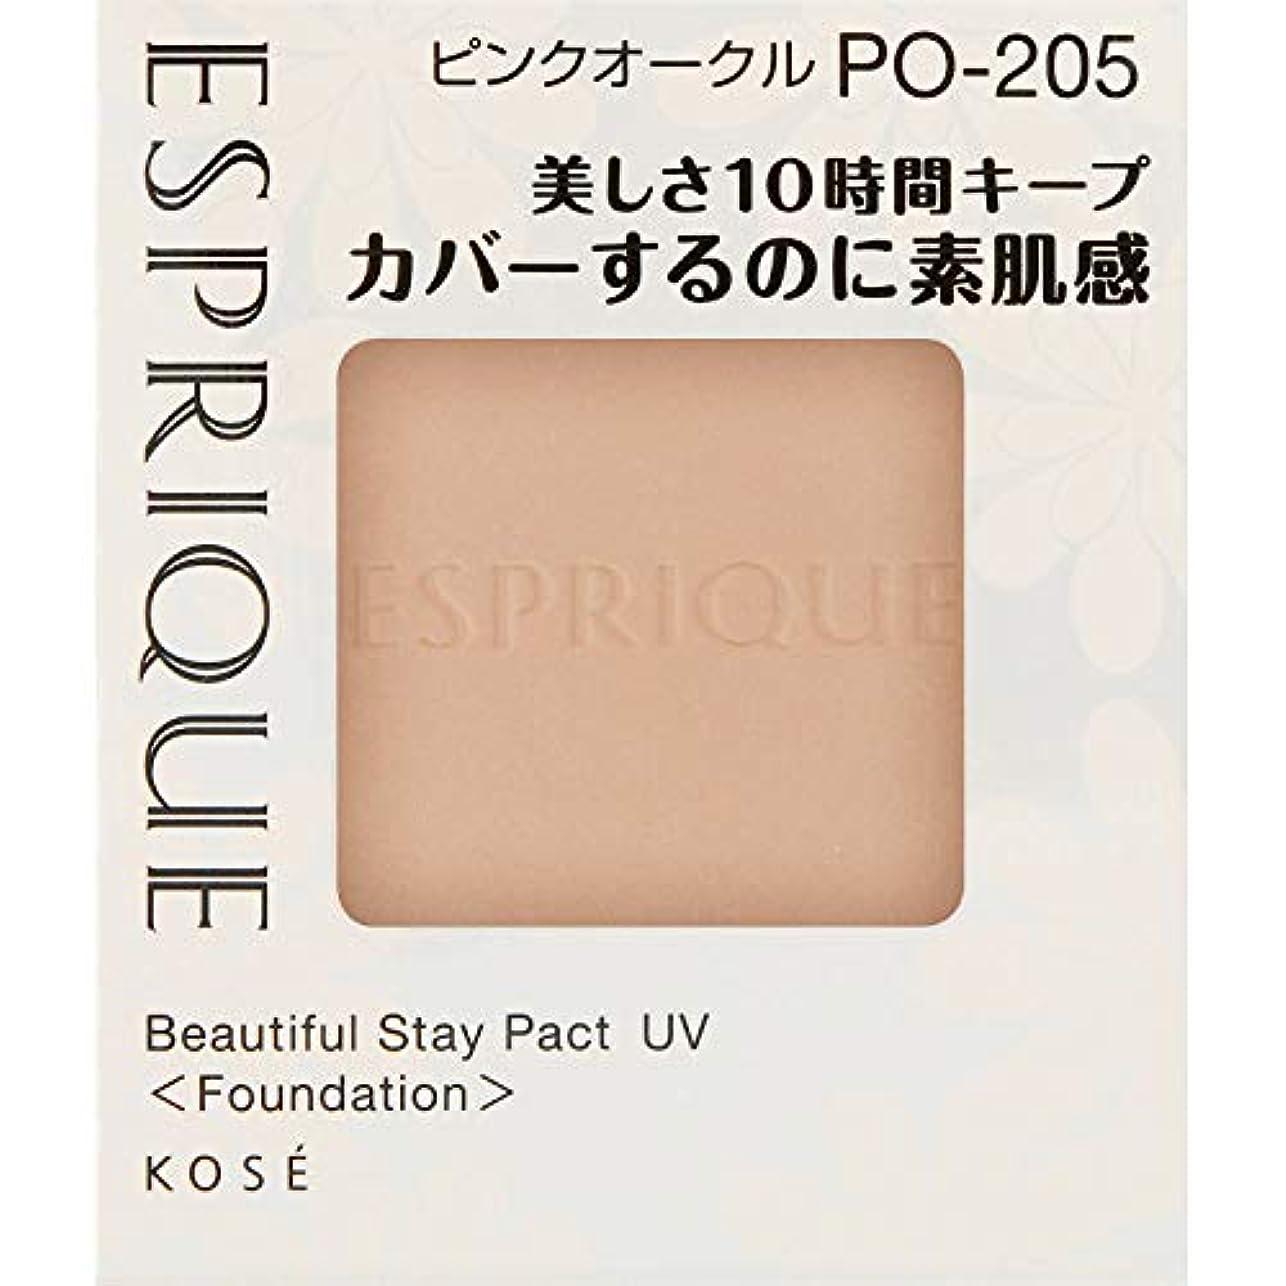 ポイント繁雑オペレーターエスプリーク カバーするのに素肌感持続 パクト UV PO-205 ピンクオークル 9.3g